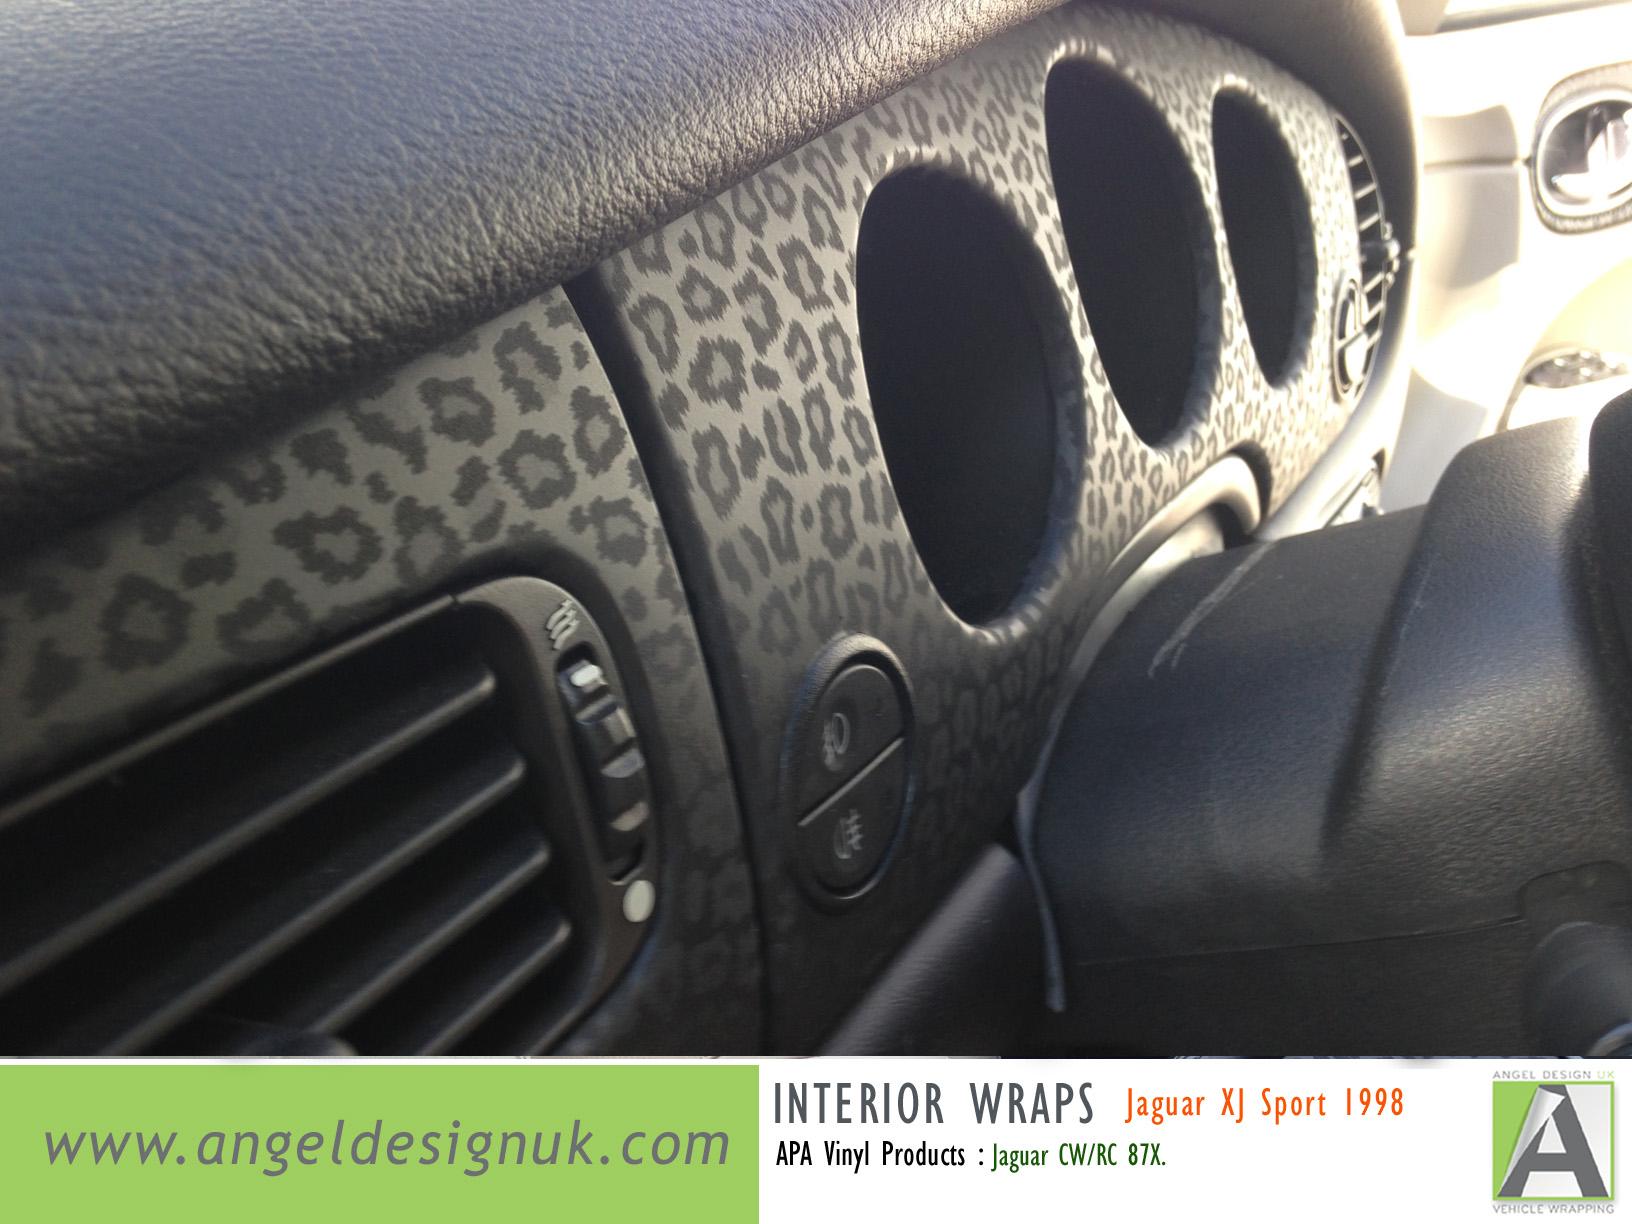 INTERIOR WRAPS JAGUAR PIC 6